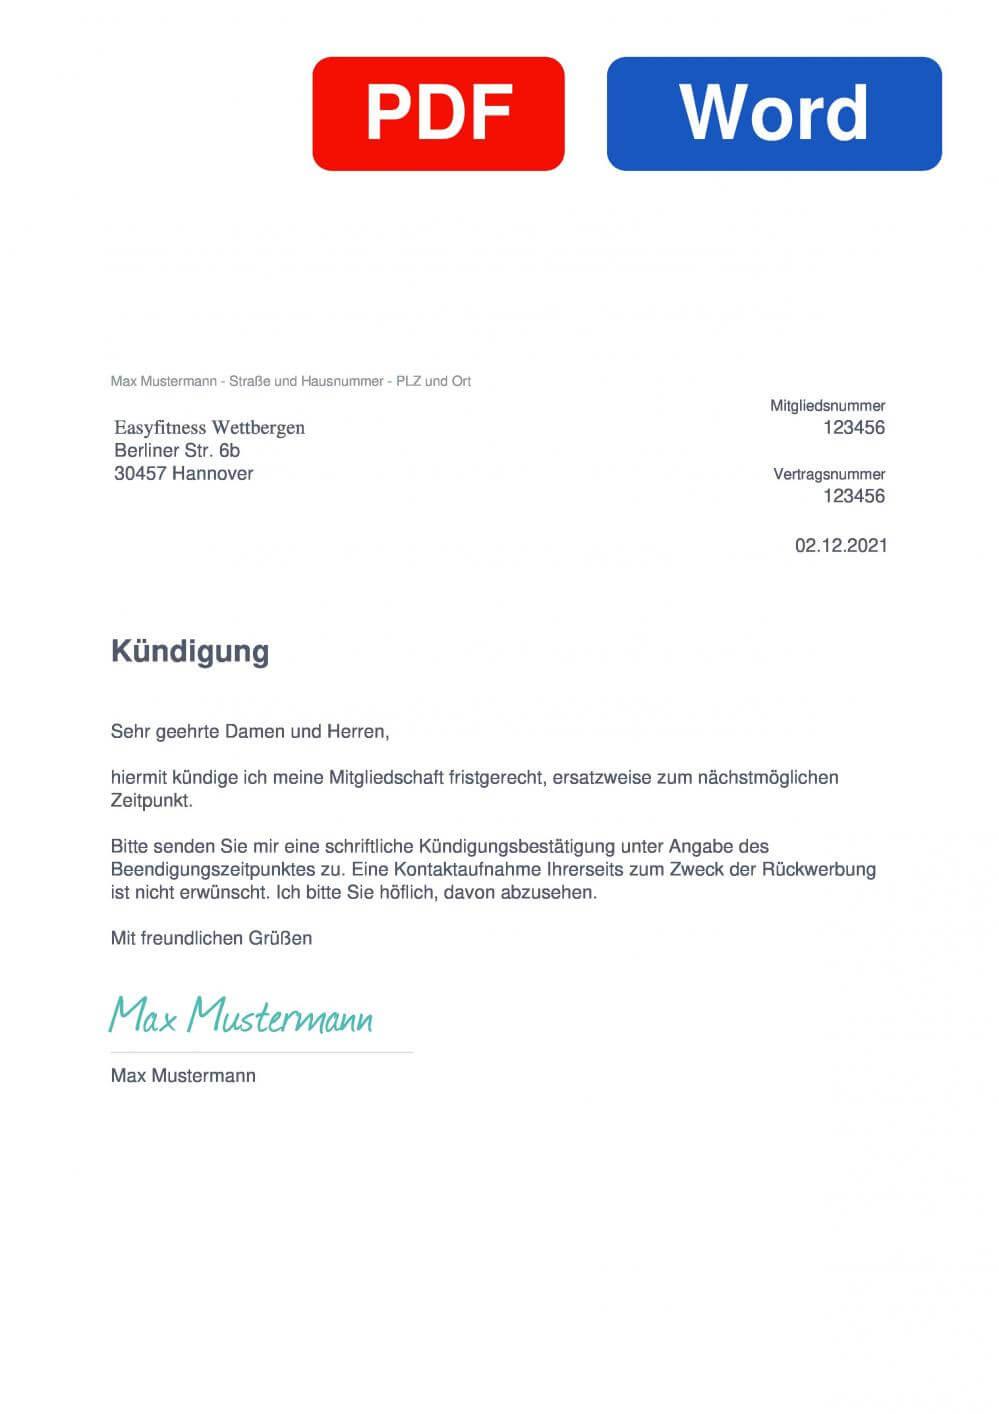 EASYFITNESS Wettbergen Muster Vorlage für Kündigungsschreiben